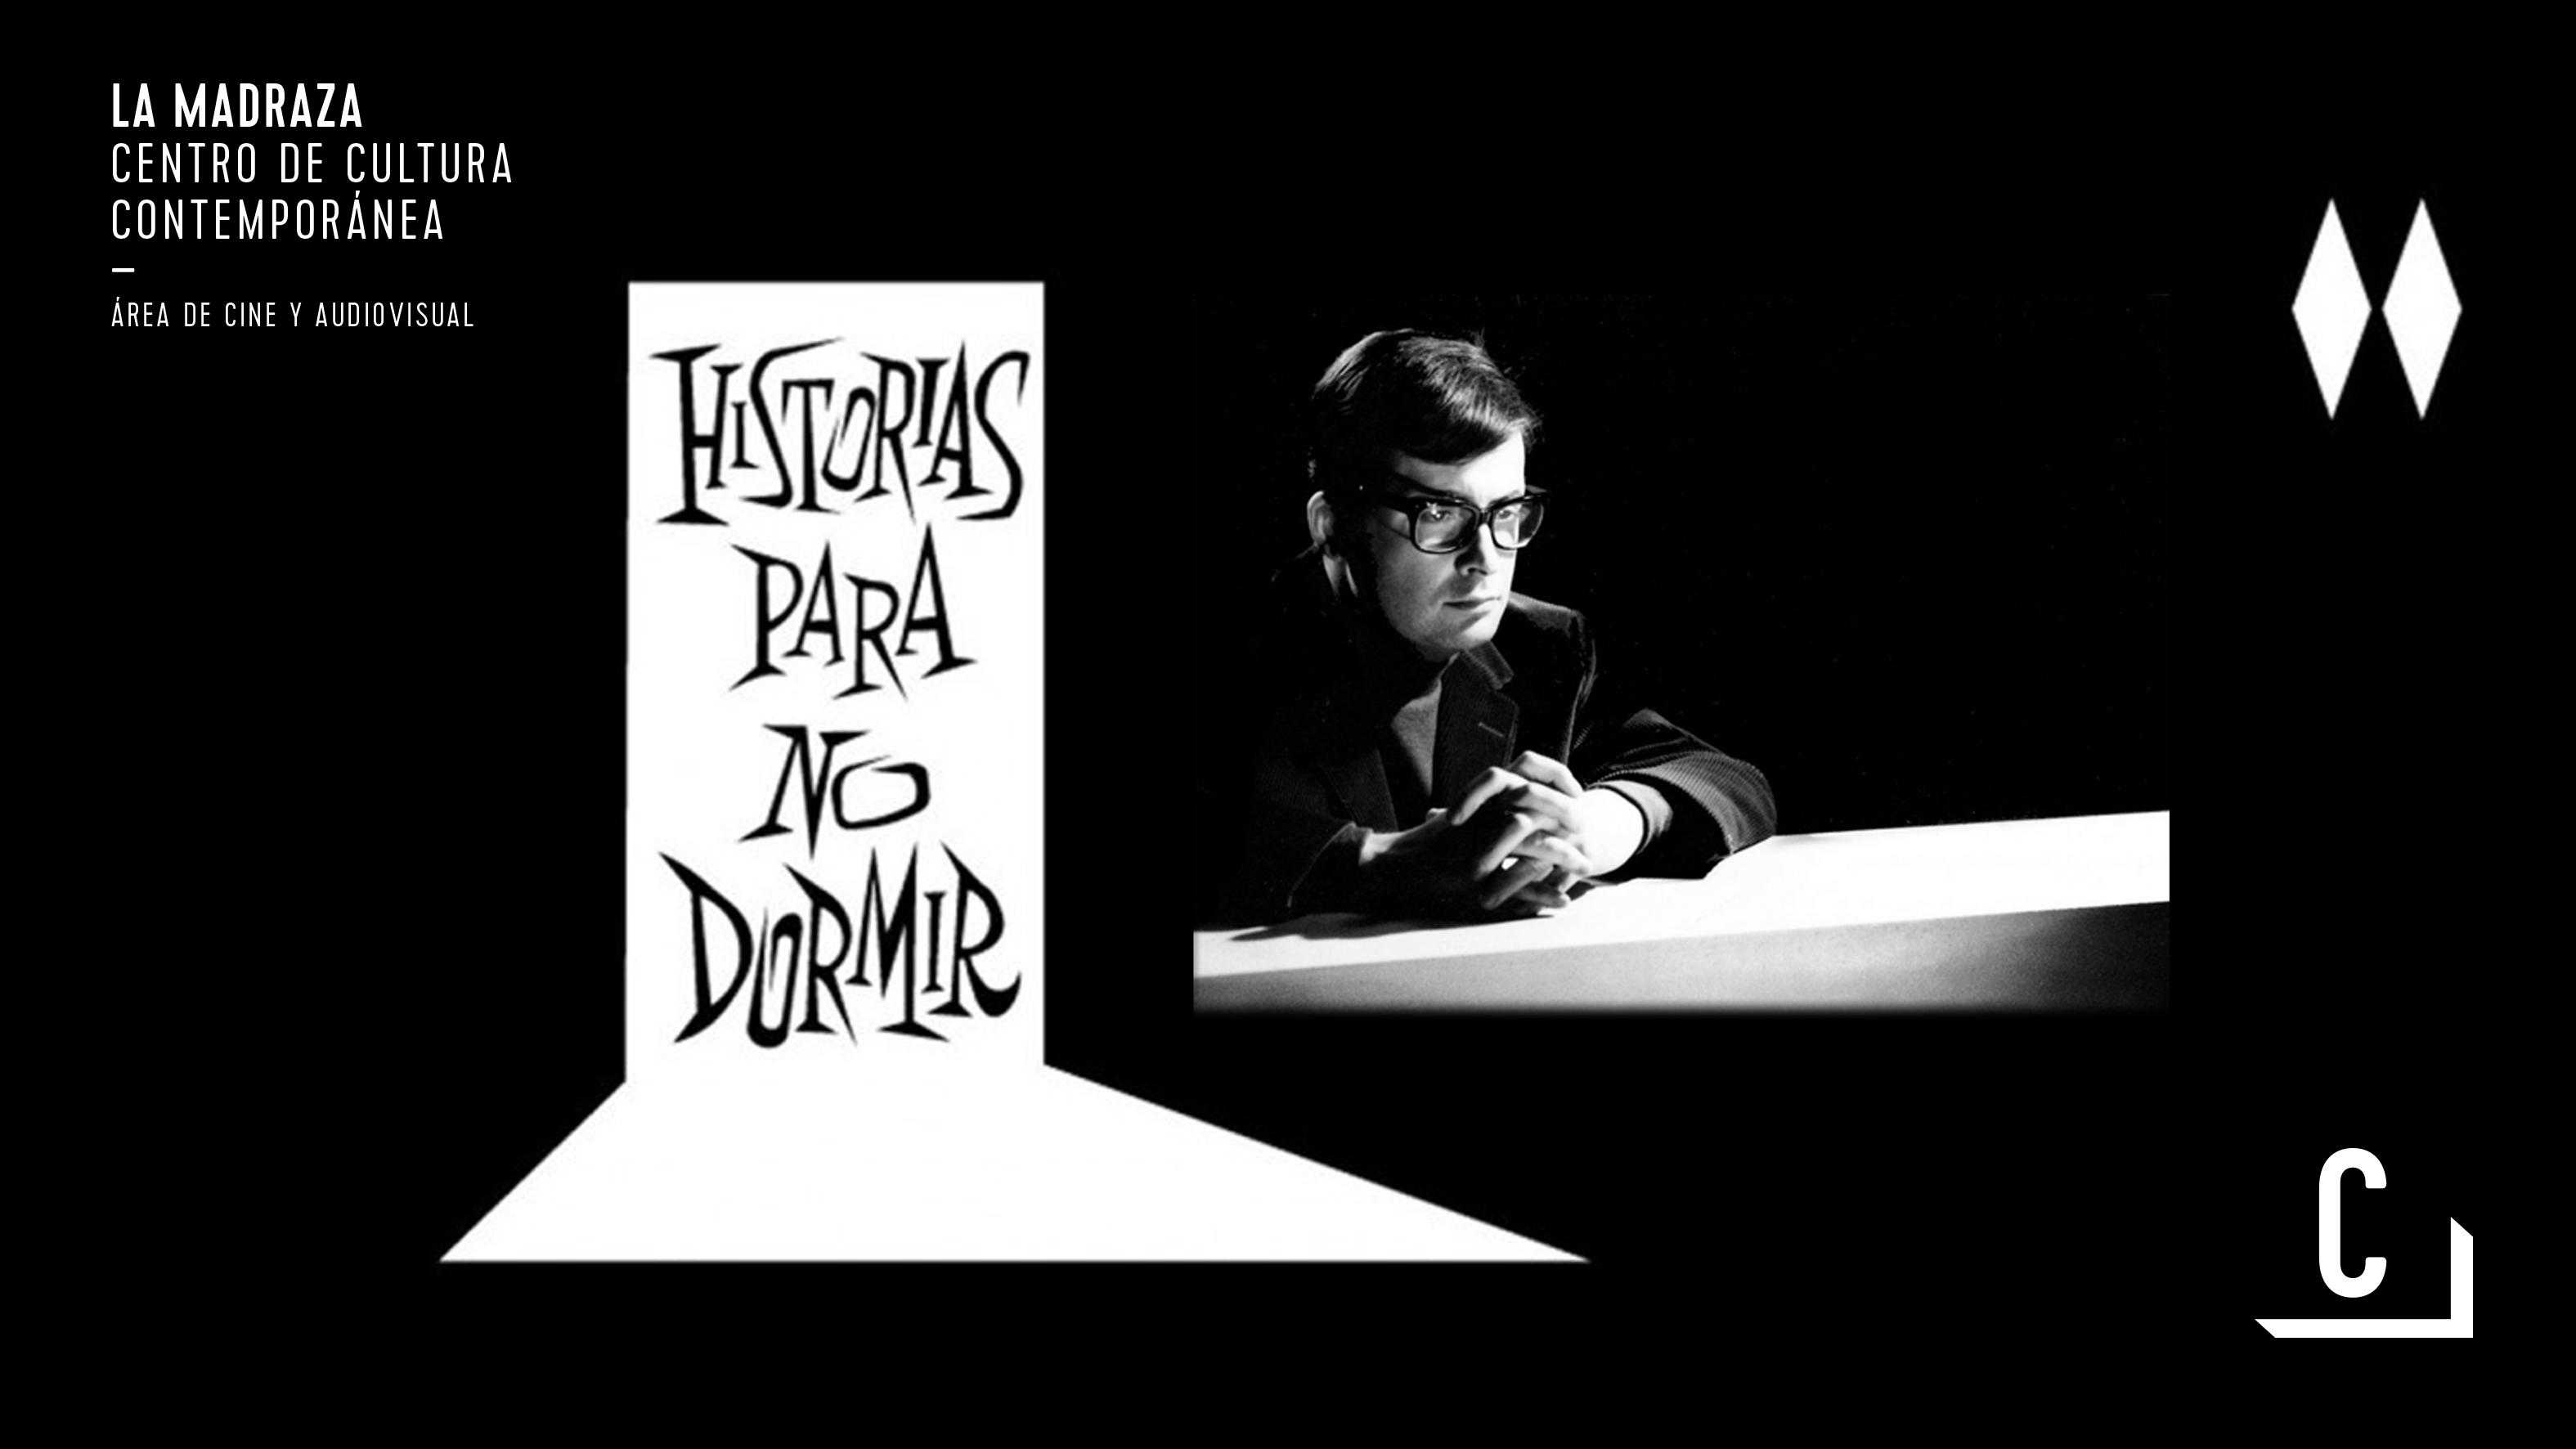 Imagen de portada de Introducción al ciclo Maestros del cine moderno español (I): Narciso Ibáñez Serrador (1ª parte)